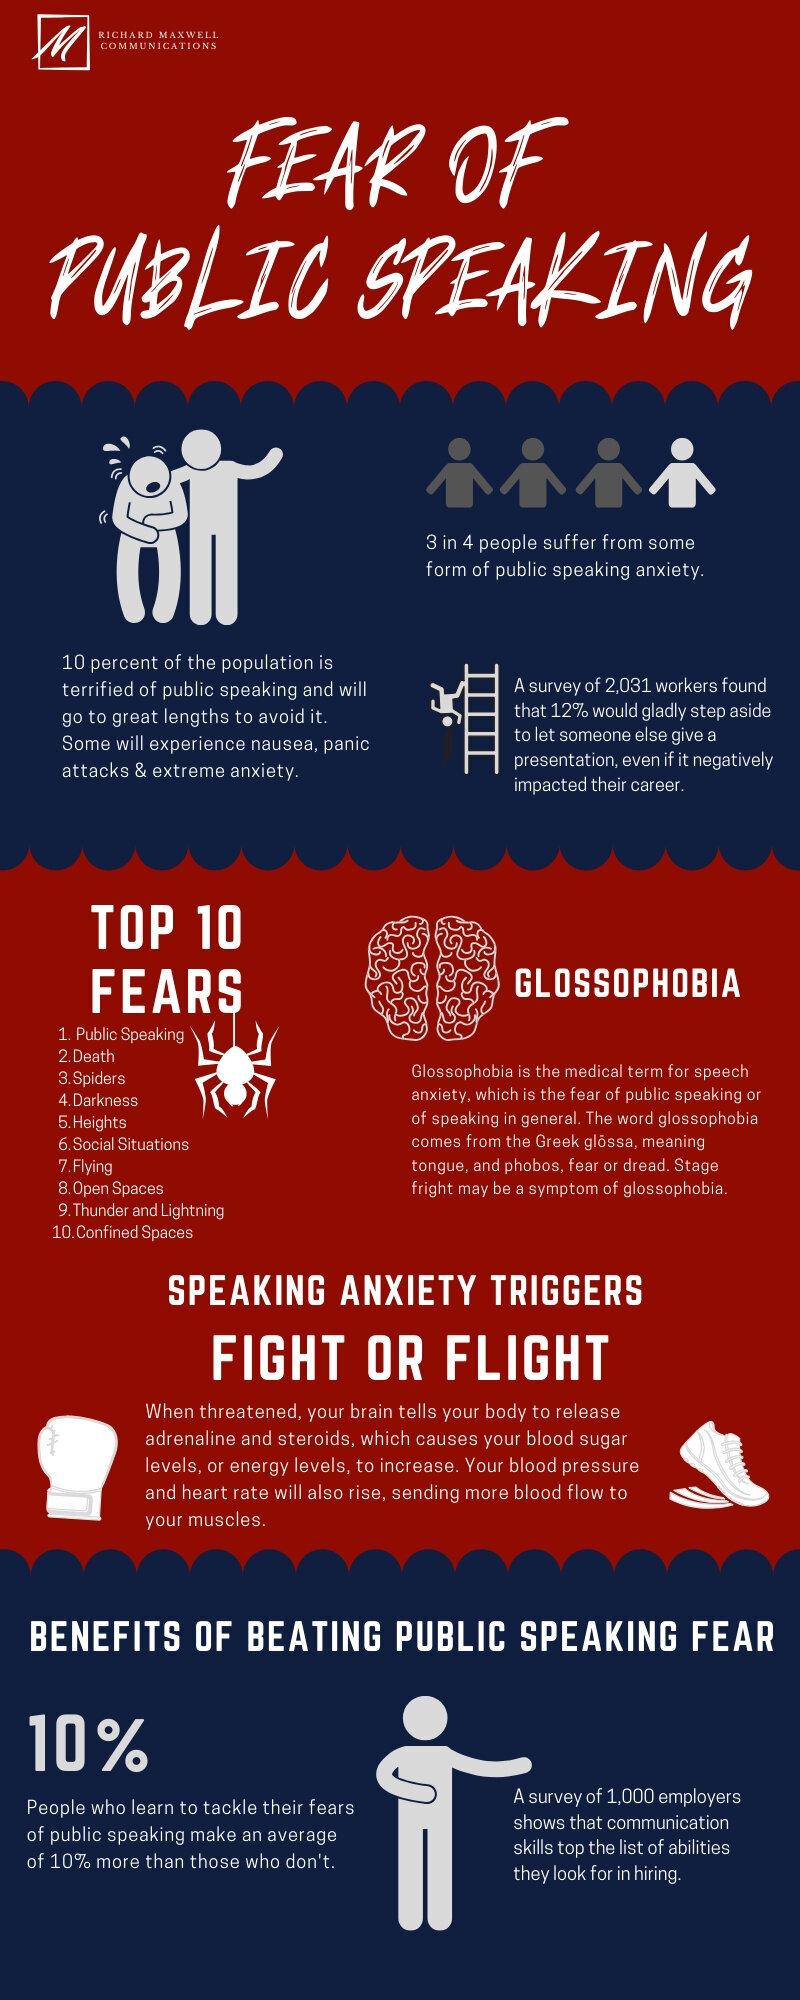 Strach z mluvení na veřejnosti. Tipy na překonání strachu z mluvení na veřejnosti, Top 10 strachů. Strach, Veřejnost, Mluvení